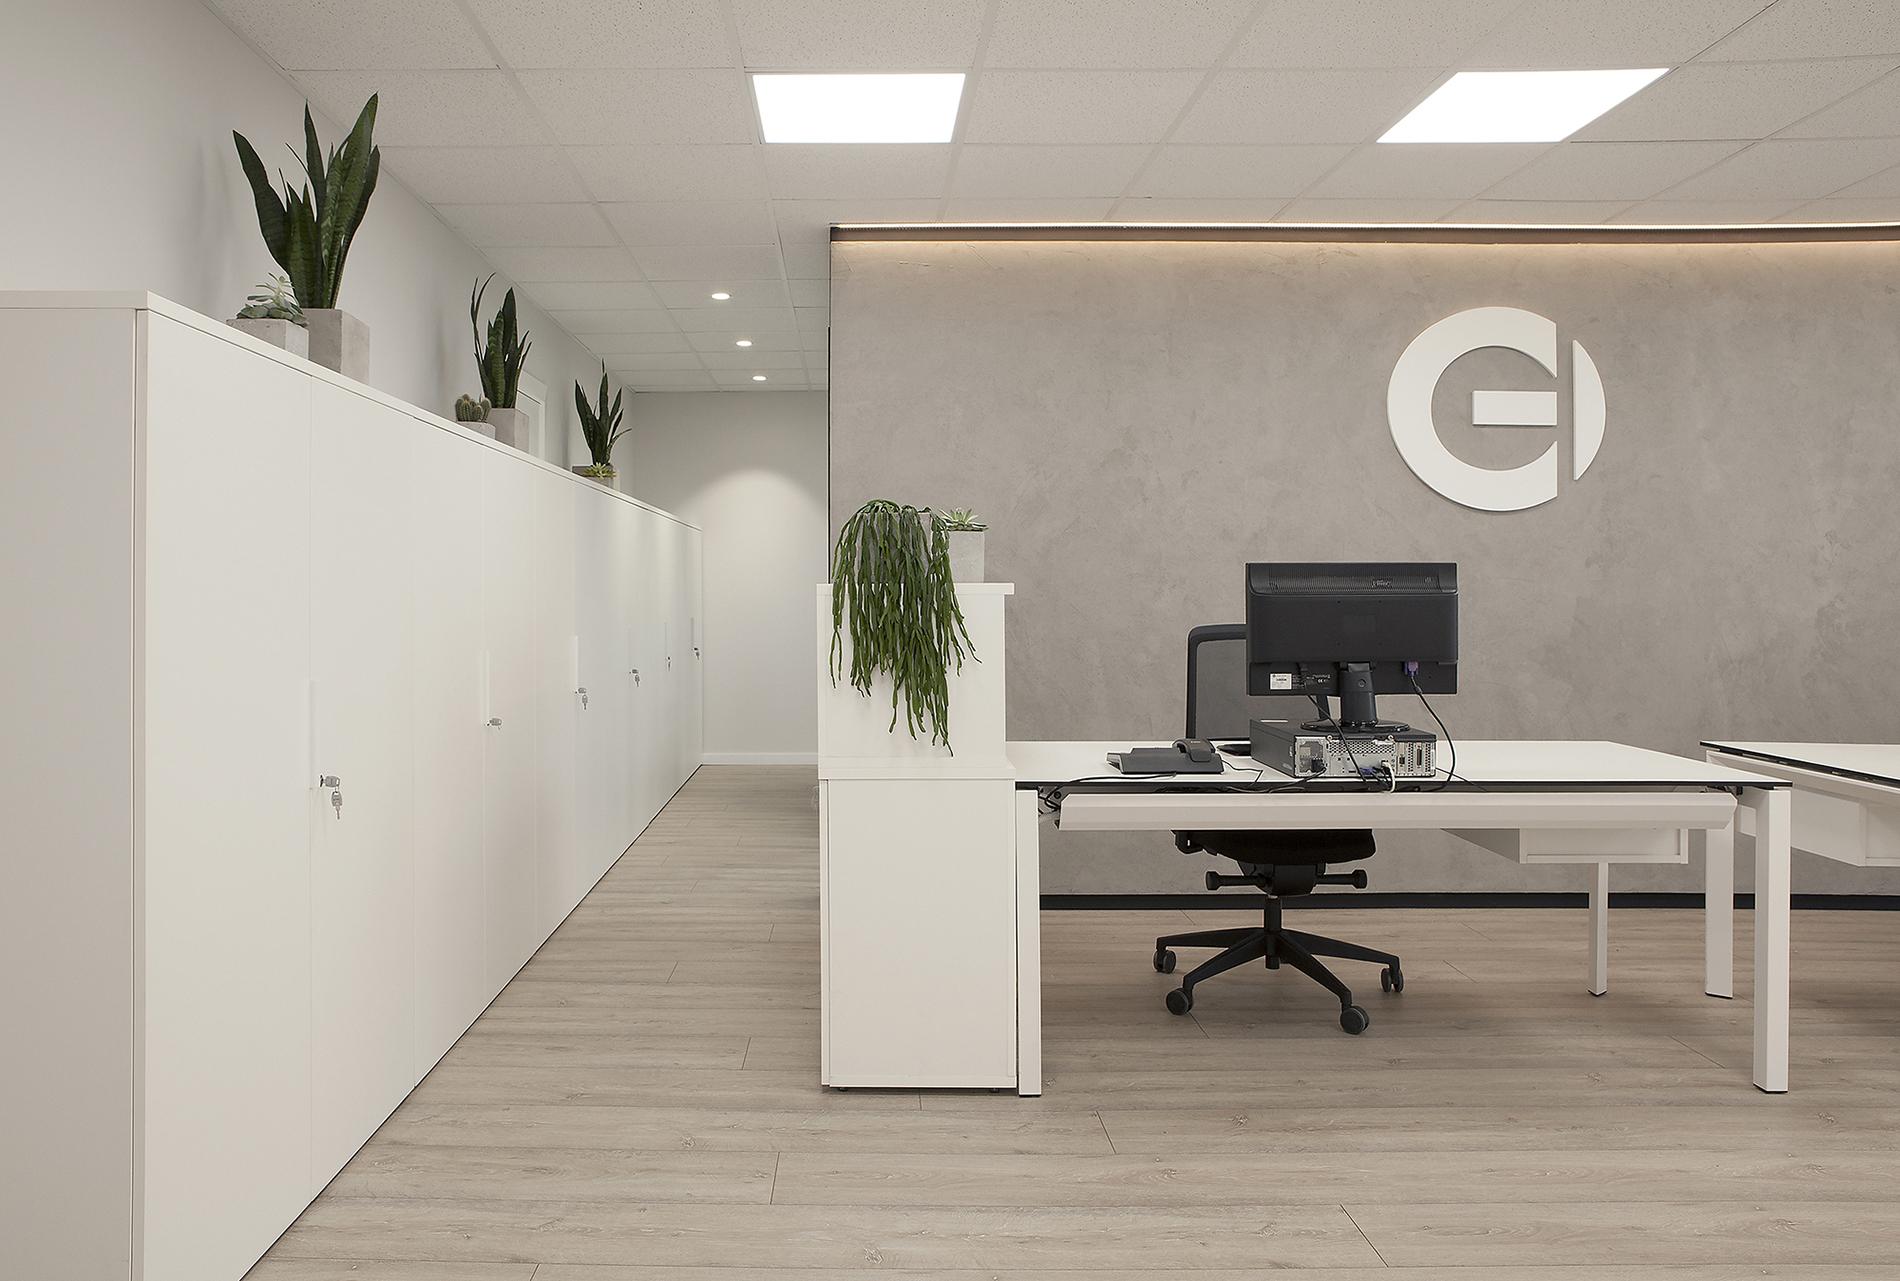 oficina-Otegi Gaztañaga-Oiartzun-2017-01